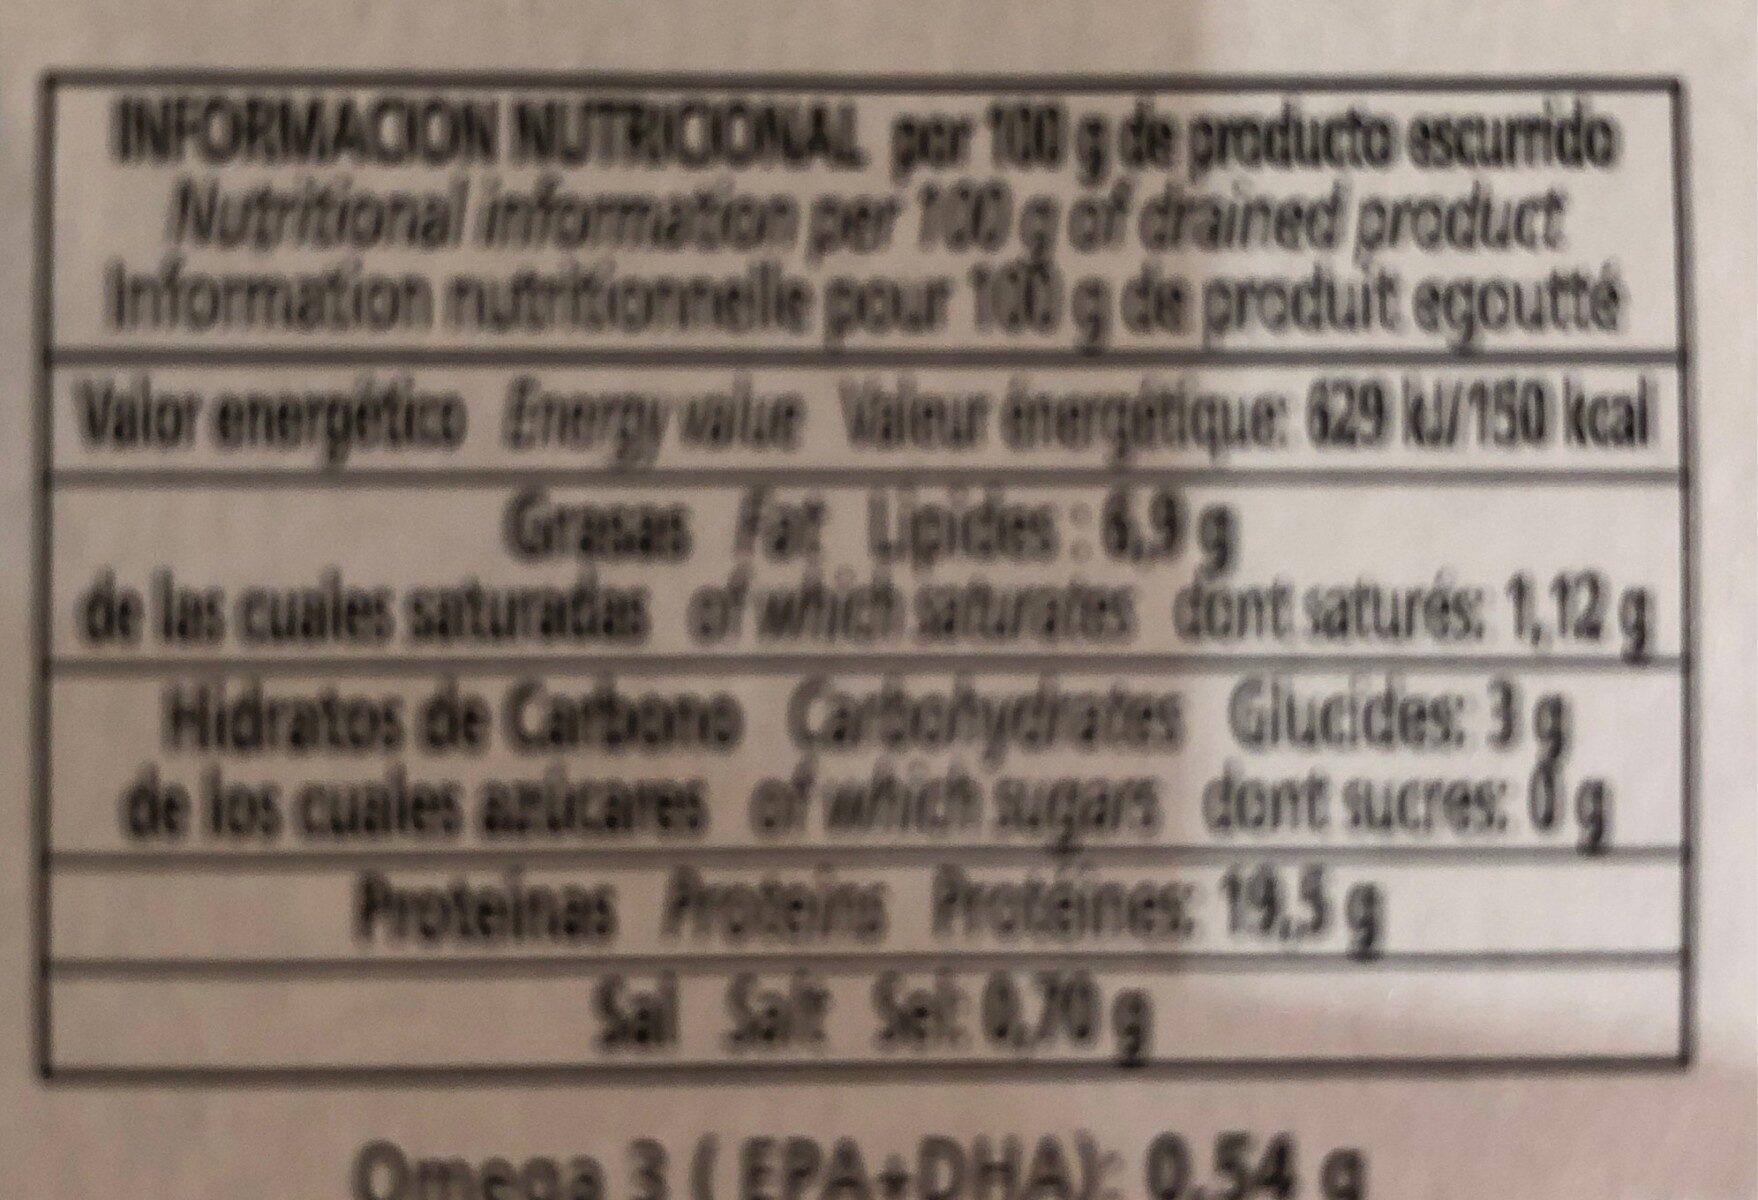 Mejillones del pacifico - Nutrition facts - es